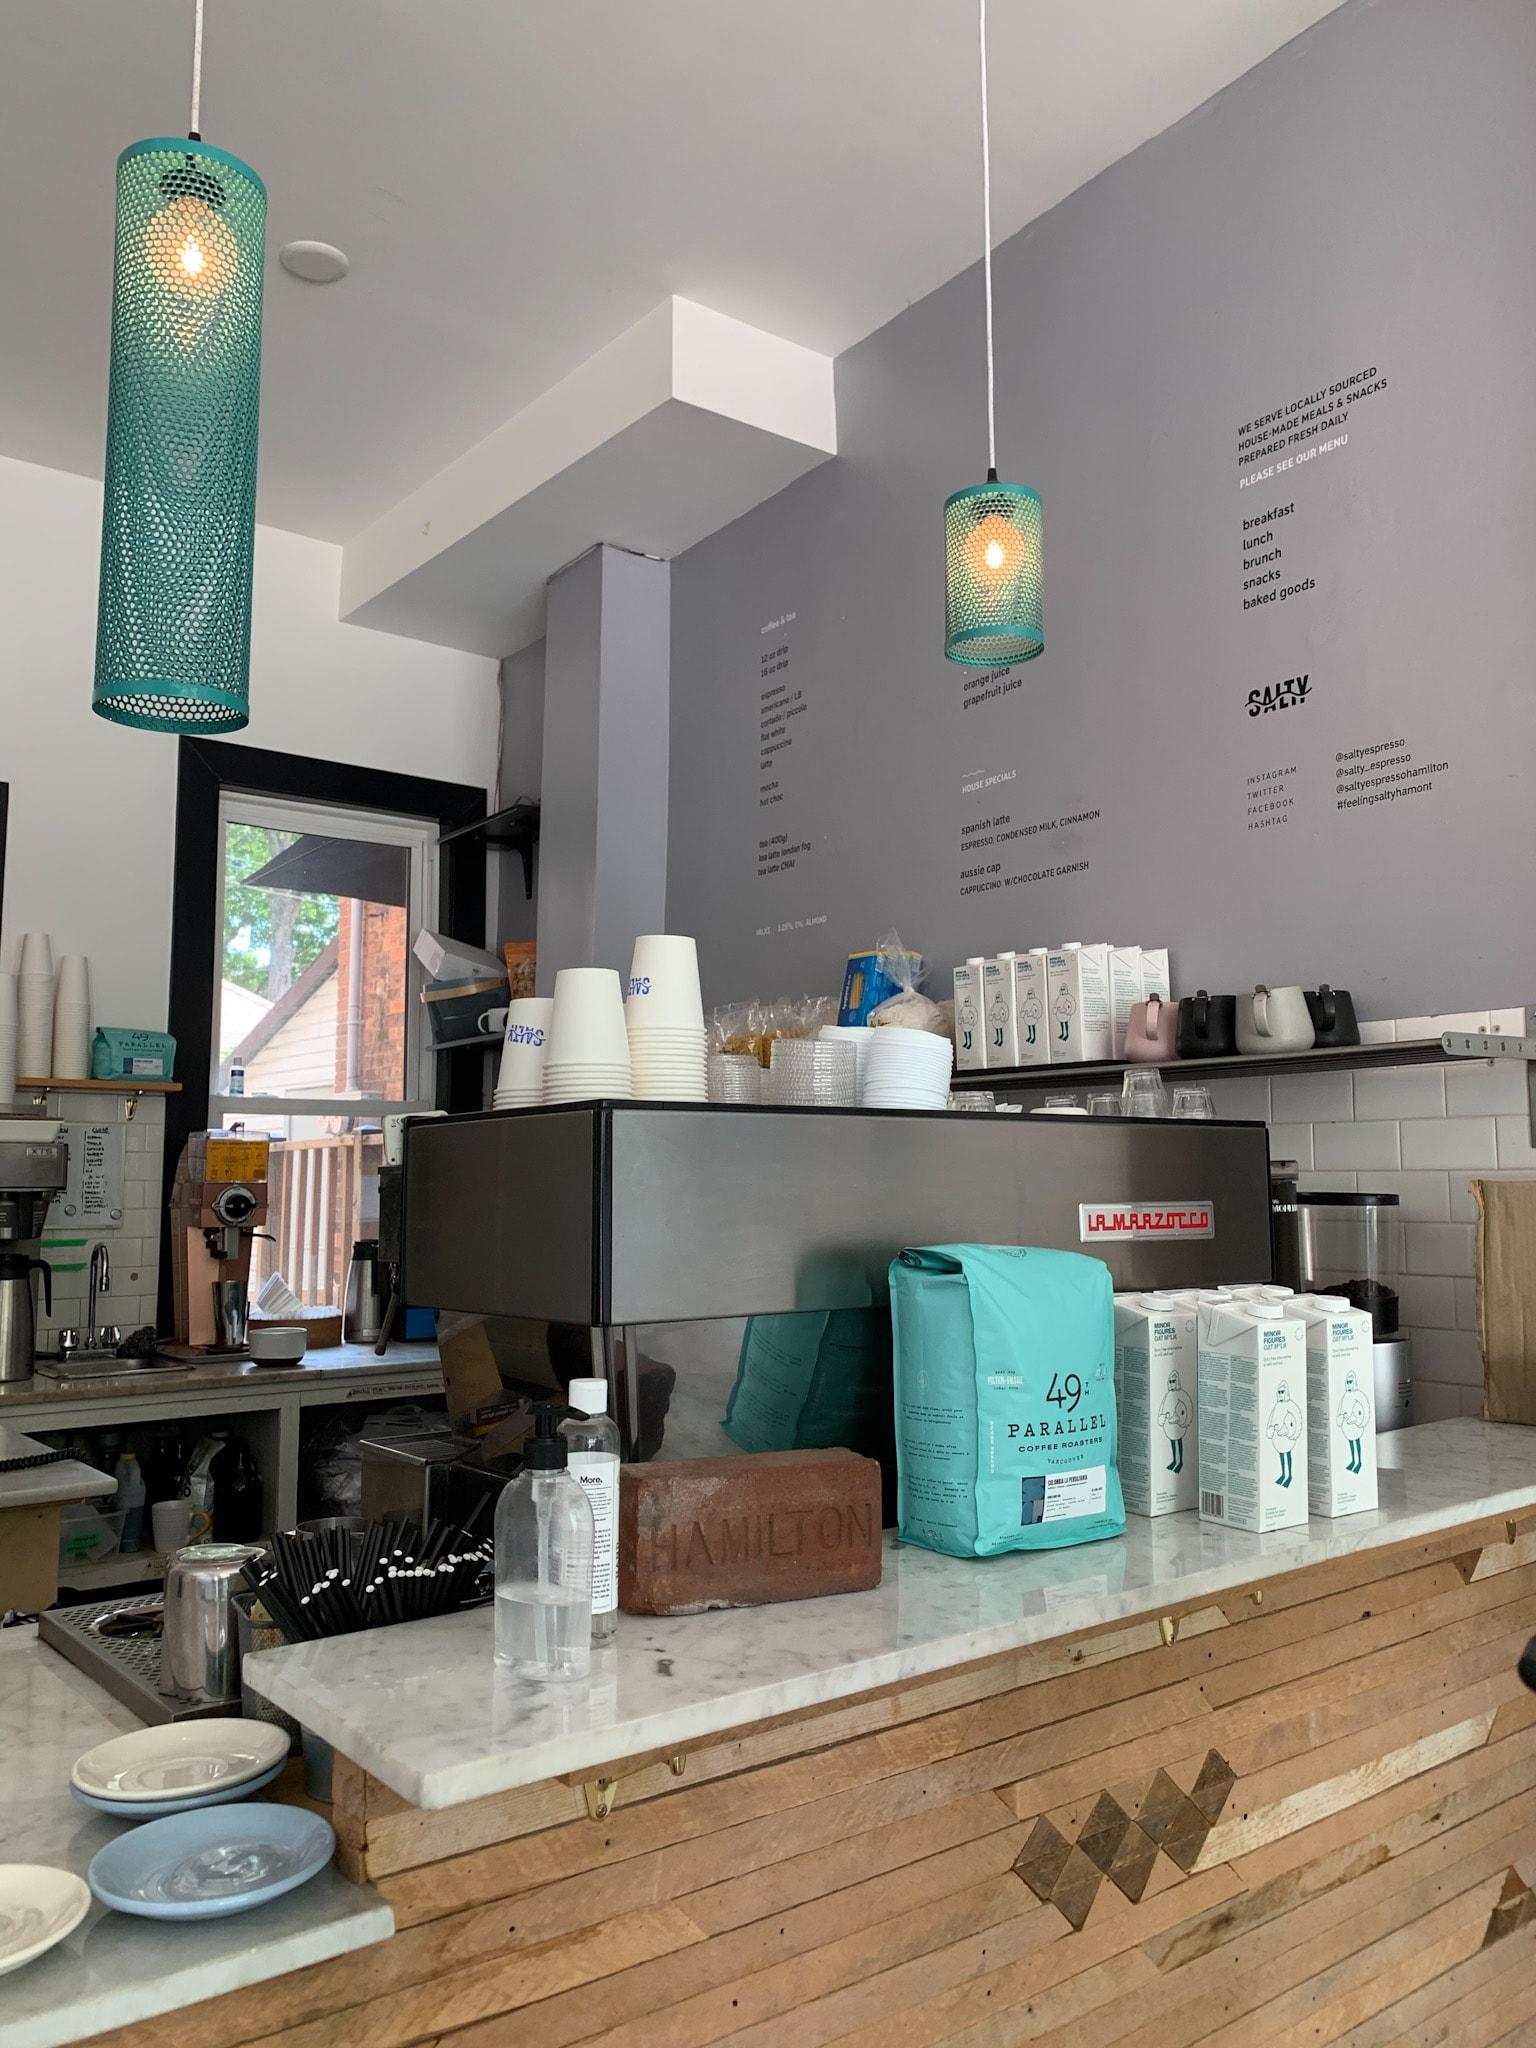 cafe photo original before preset